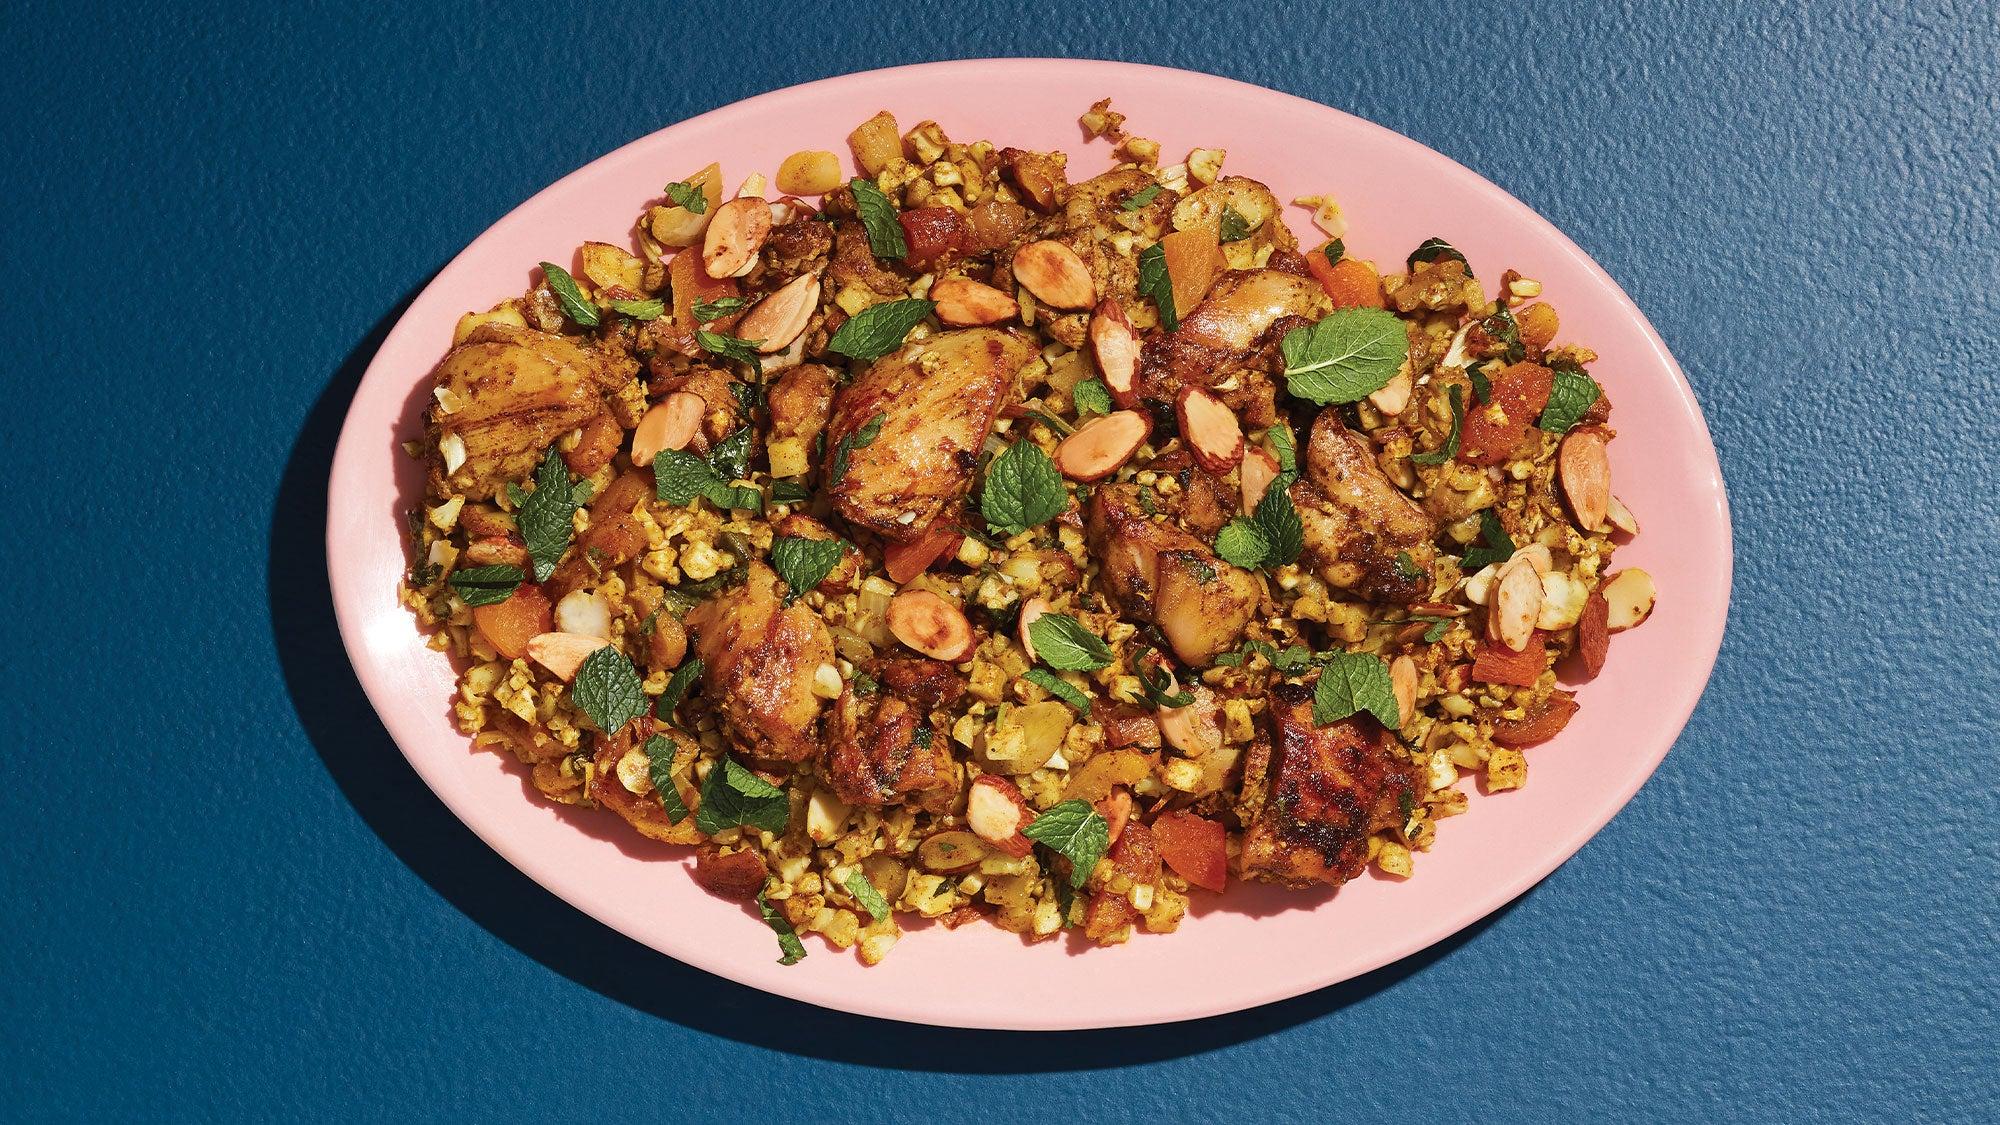 Biryani-Style Chicken & Cauliflower Rice Bake recipe